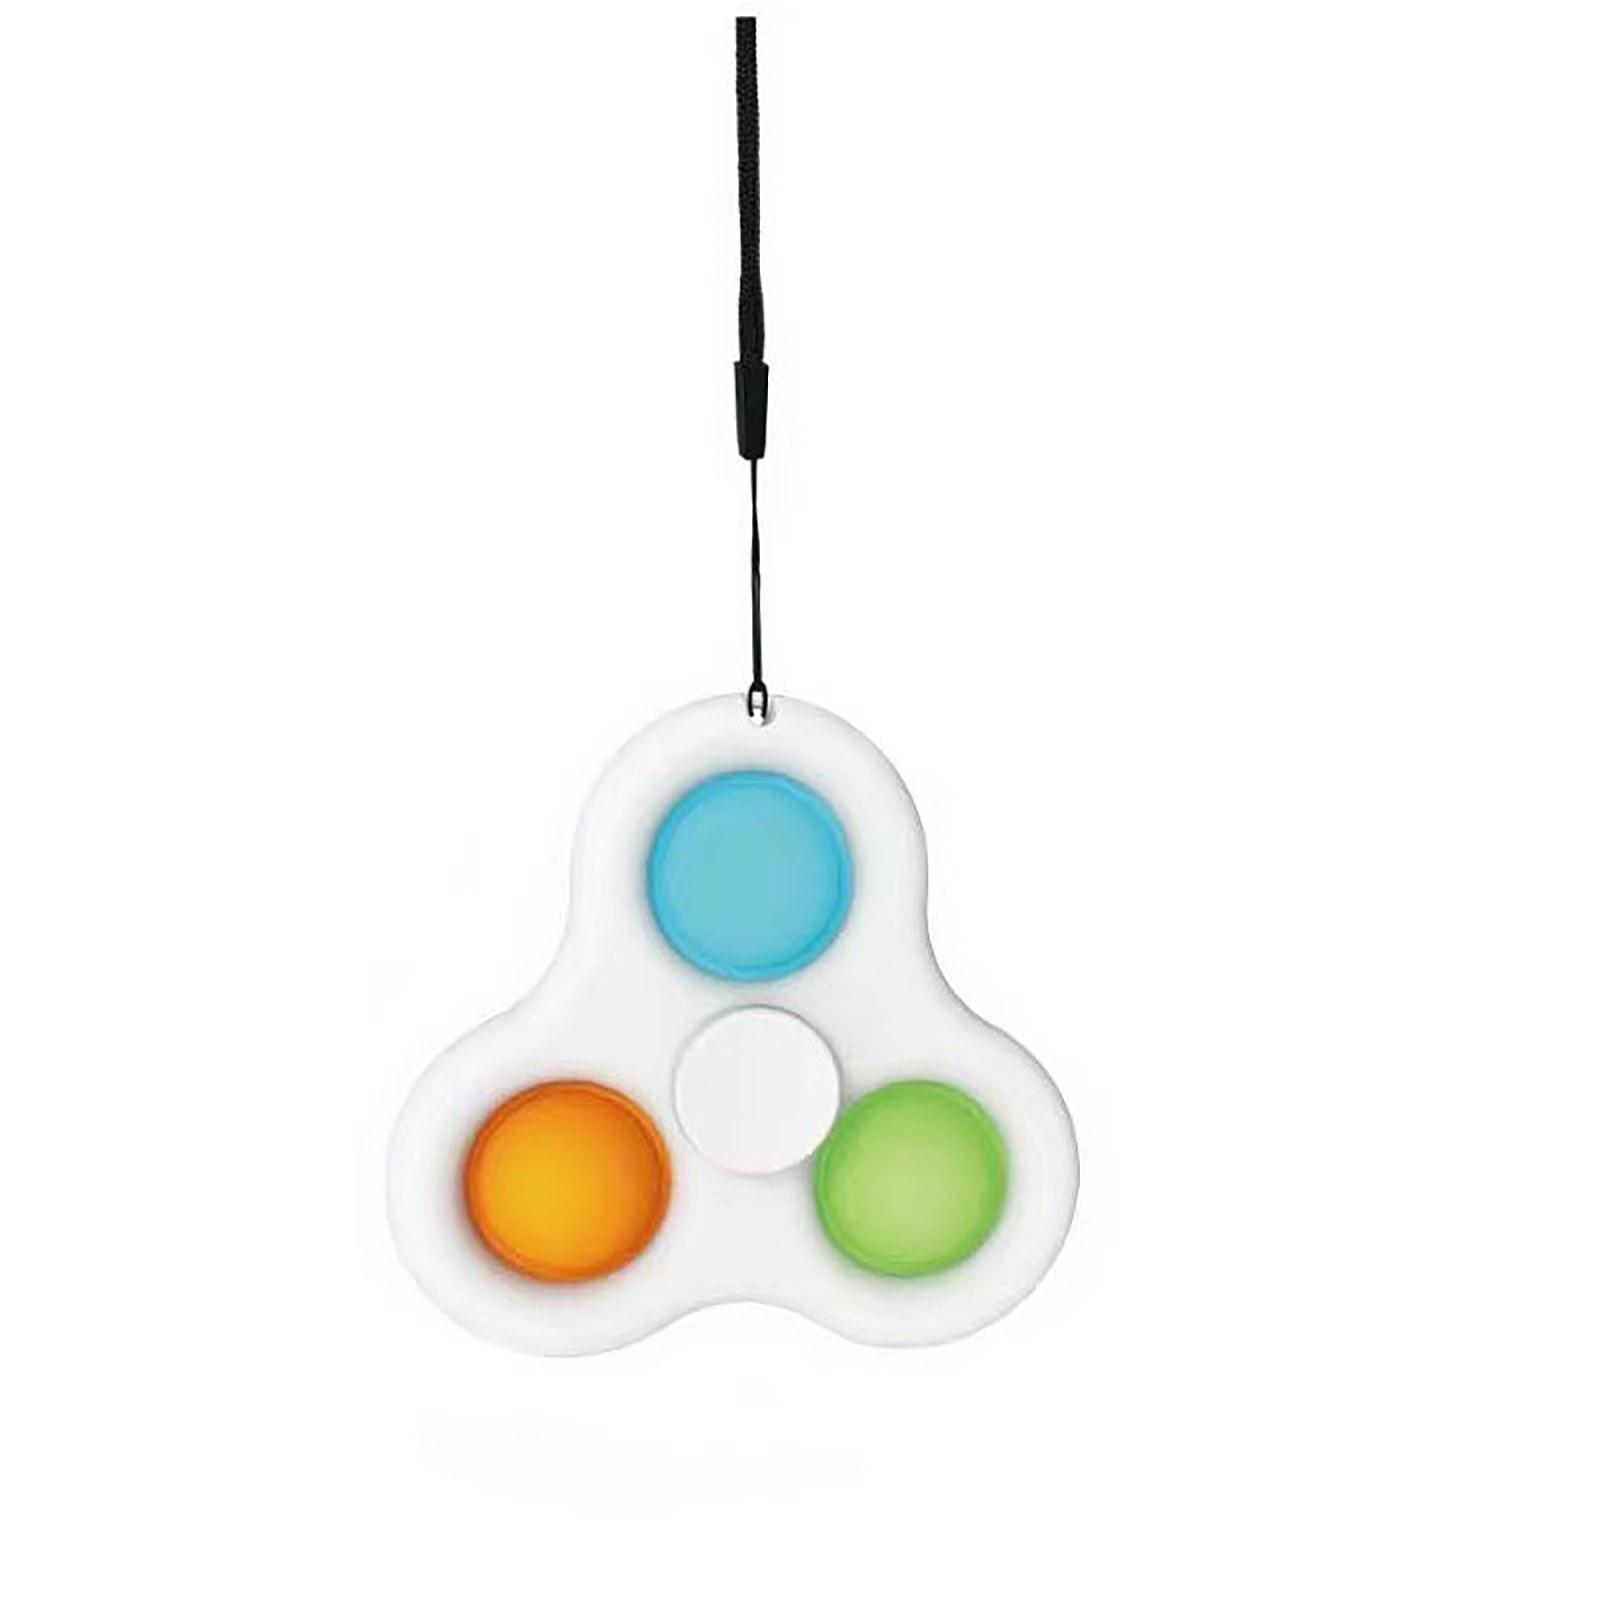 pop it 3 sided spinner fidget toy 5830 - Wacky Track